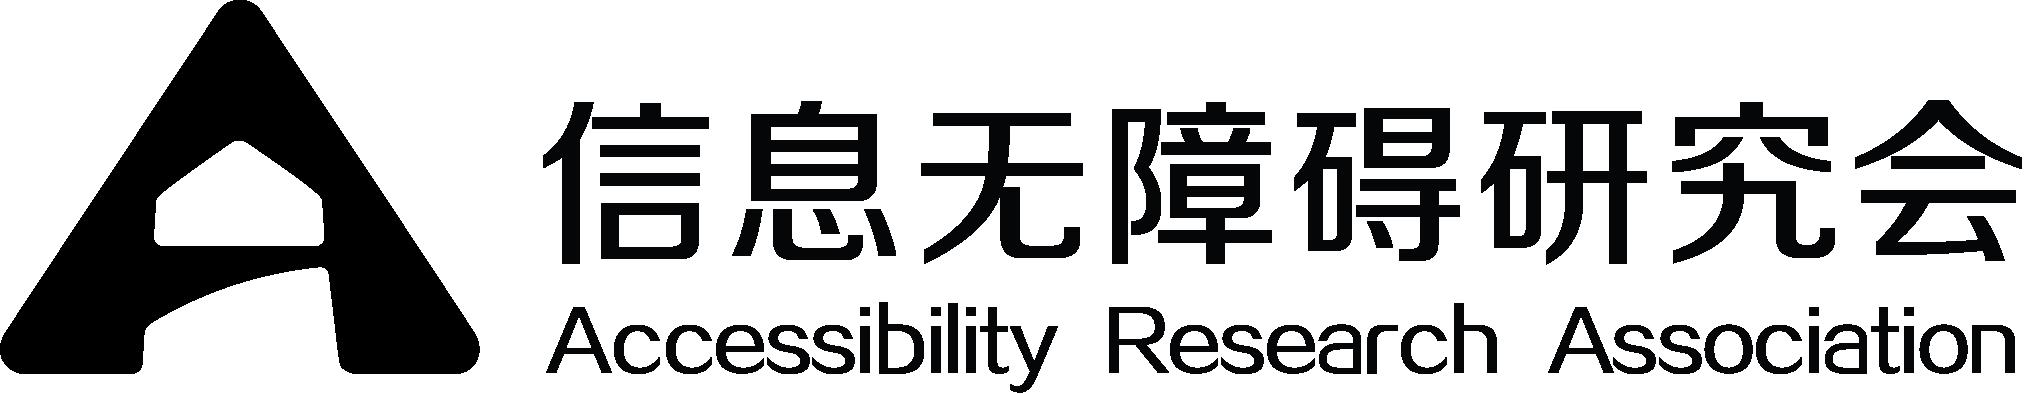 深圳市信息无障碍研究会